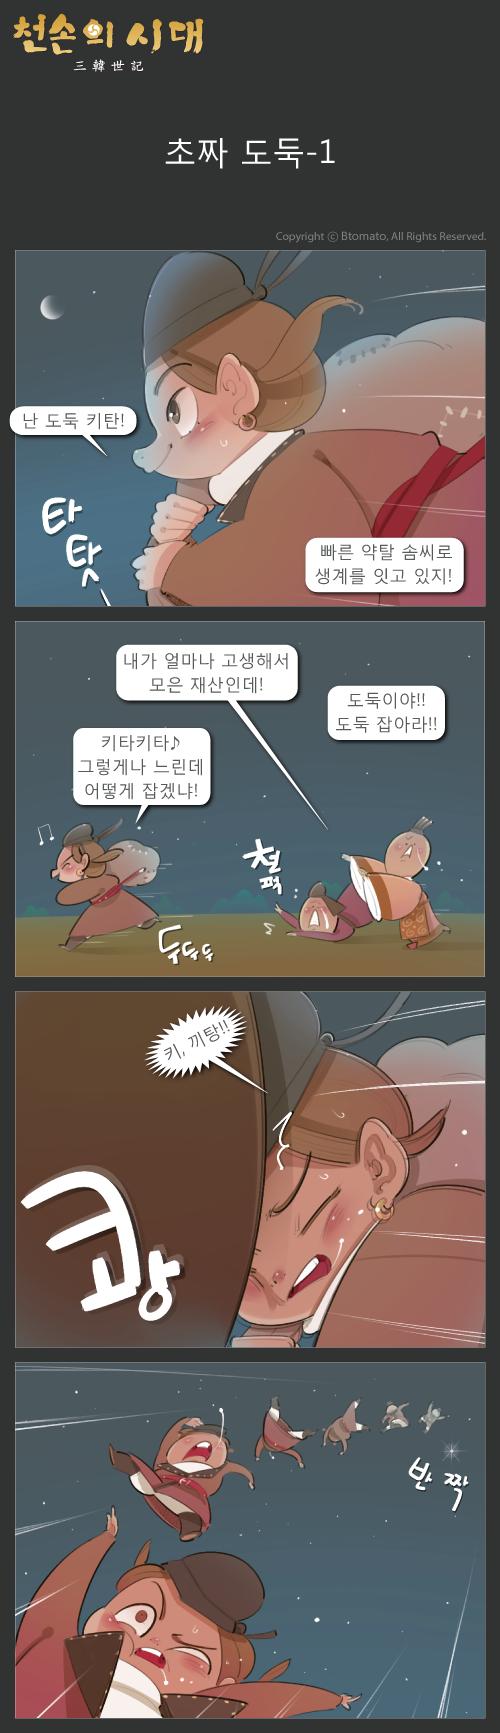 캐릭터 소개 - 초짜 도둑 키탄